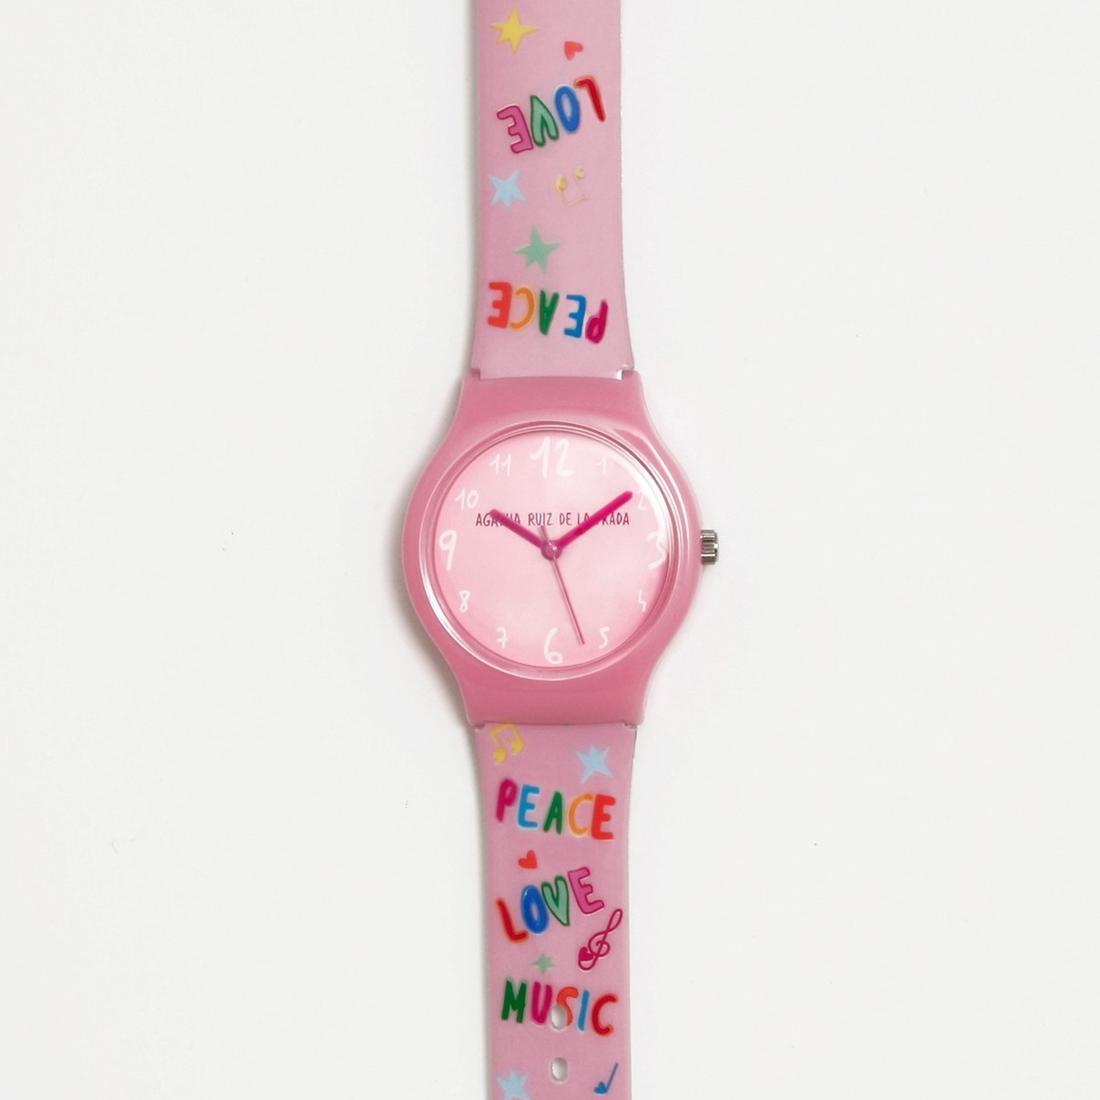 Reloj pequeño flip Agatha Ruiz de la Prada Peace, love & music